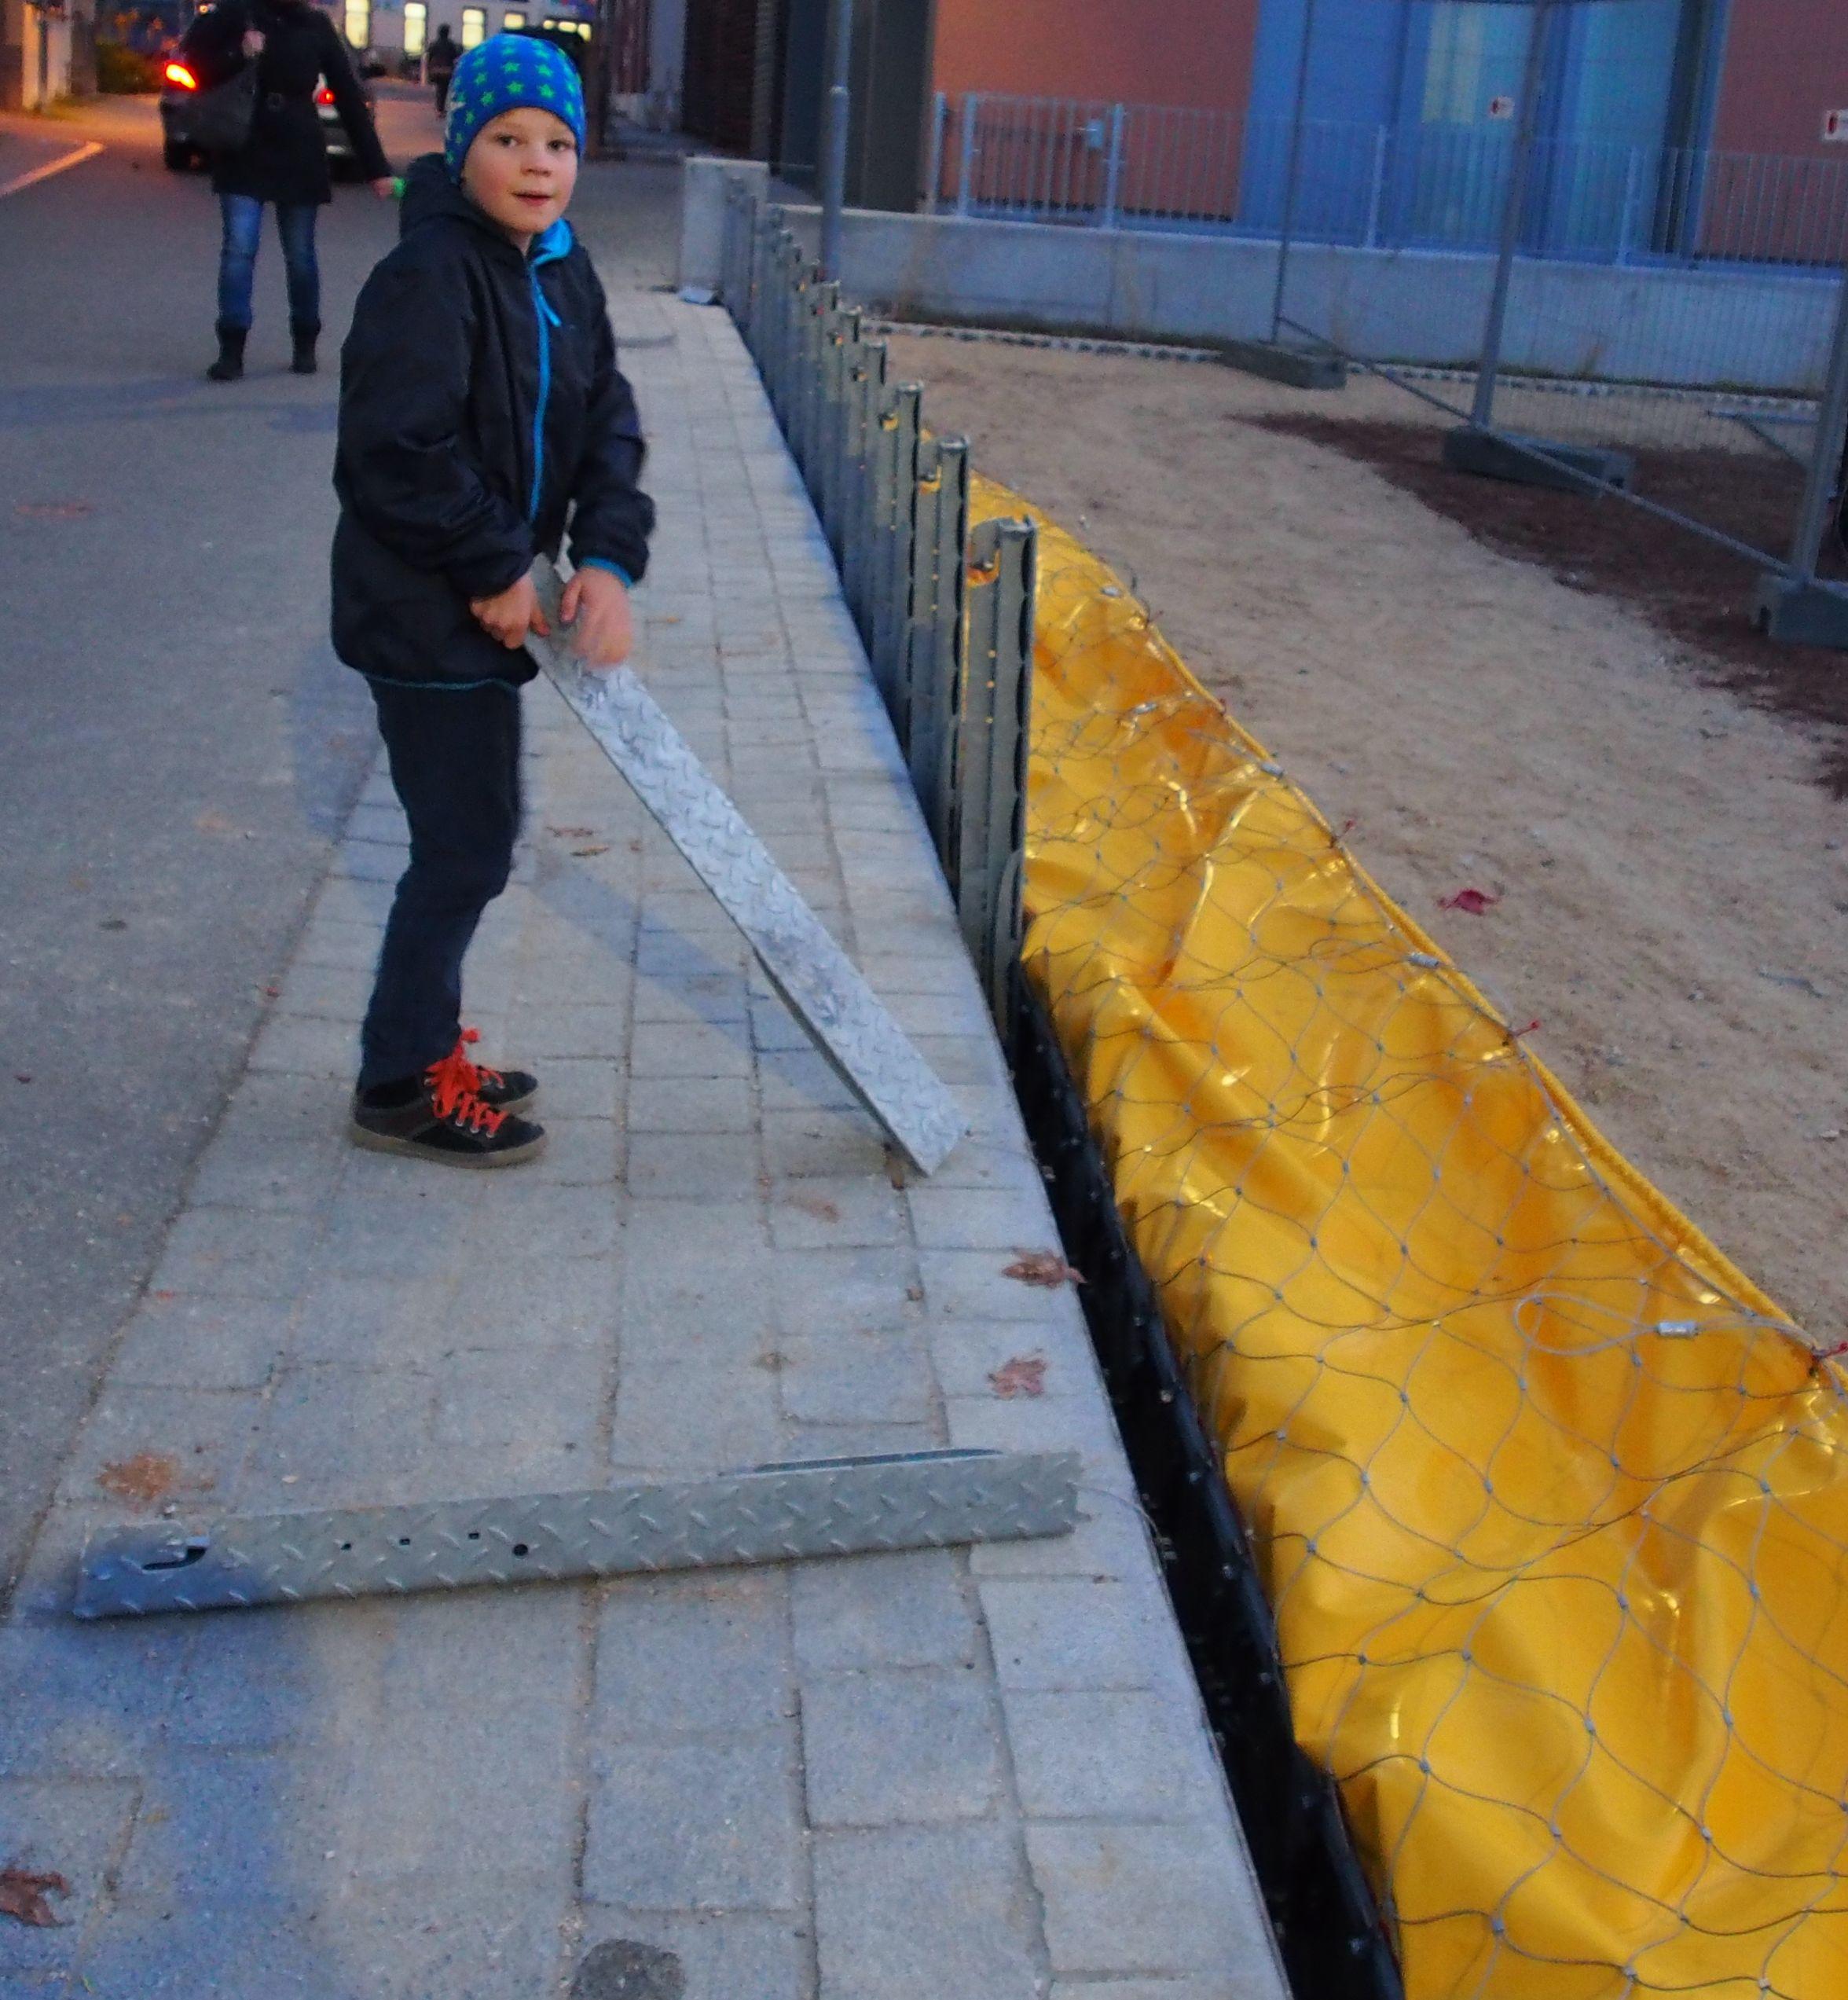 mobiler Hochwasserschutz, von Jedermann aufzubauen